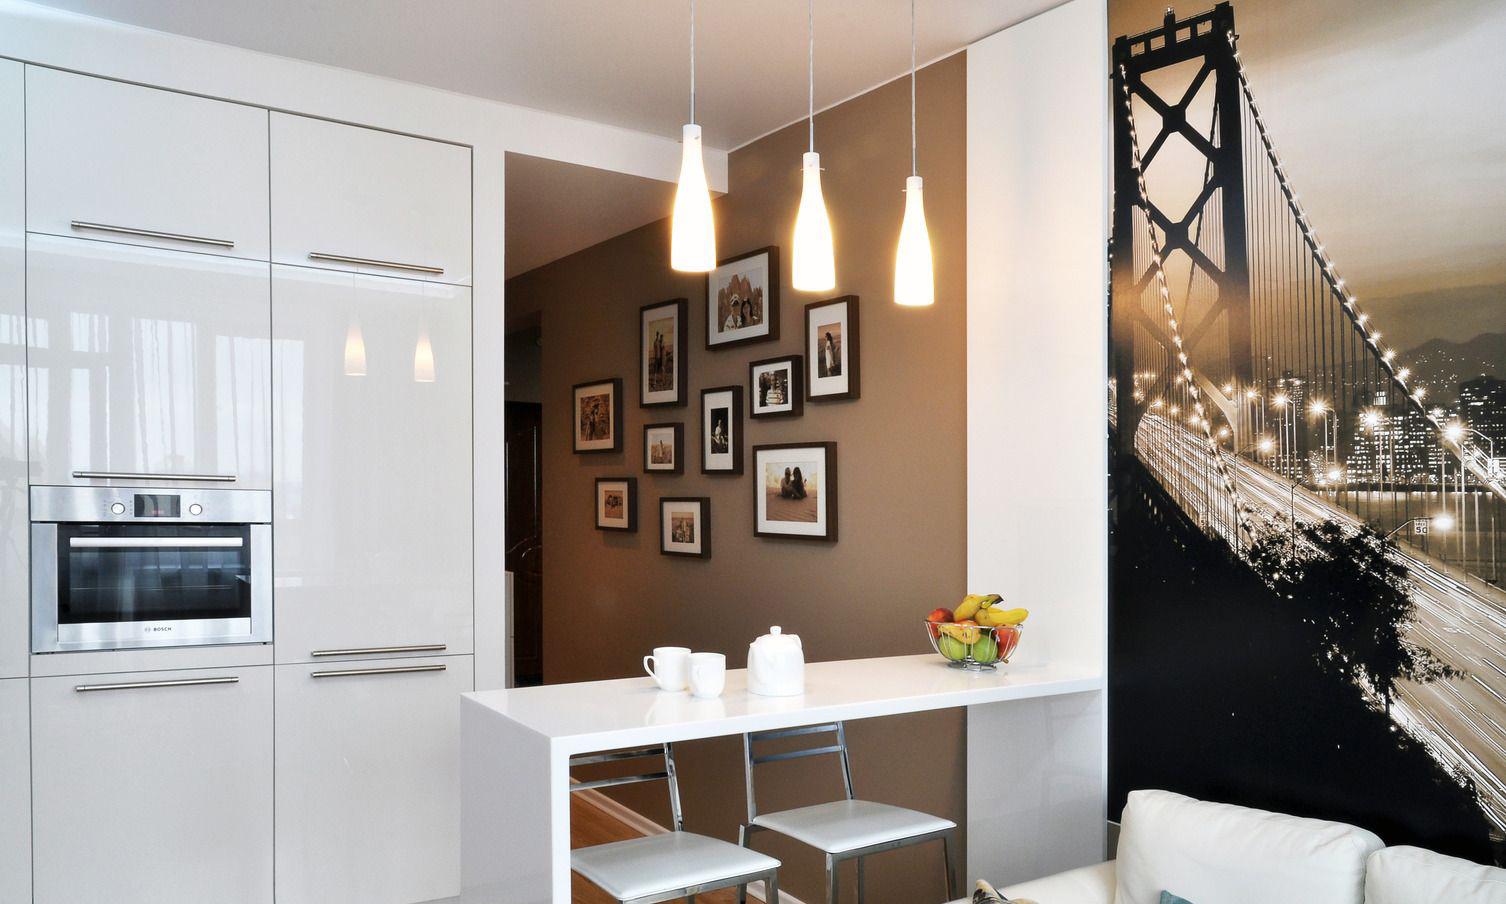 Коричнево-белая кухня 10 кв м с барной стойкой